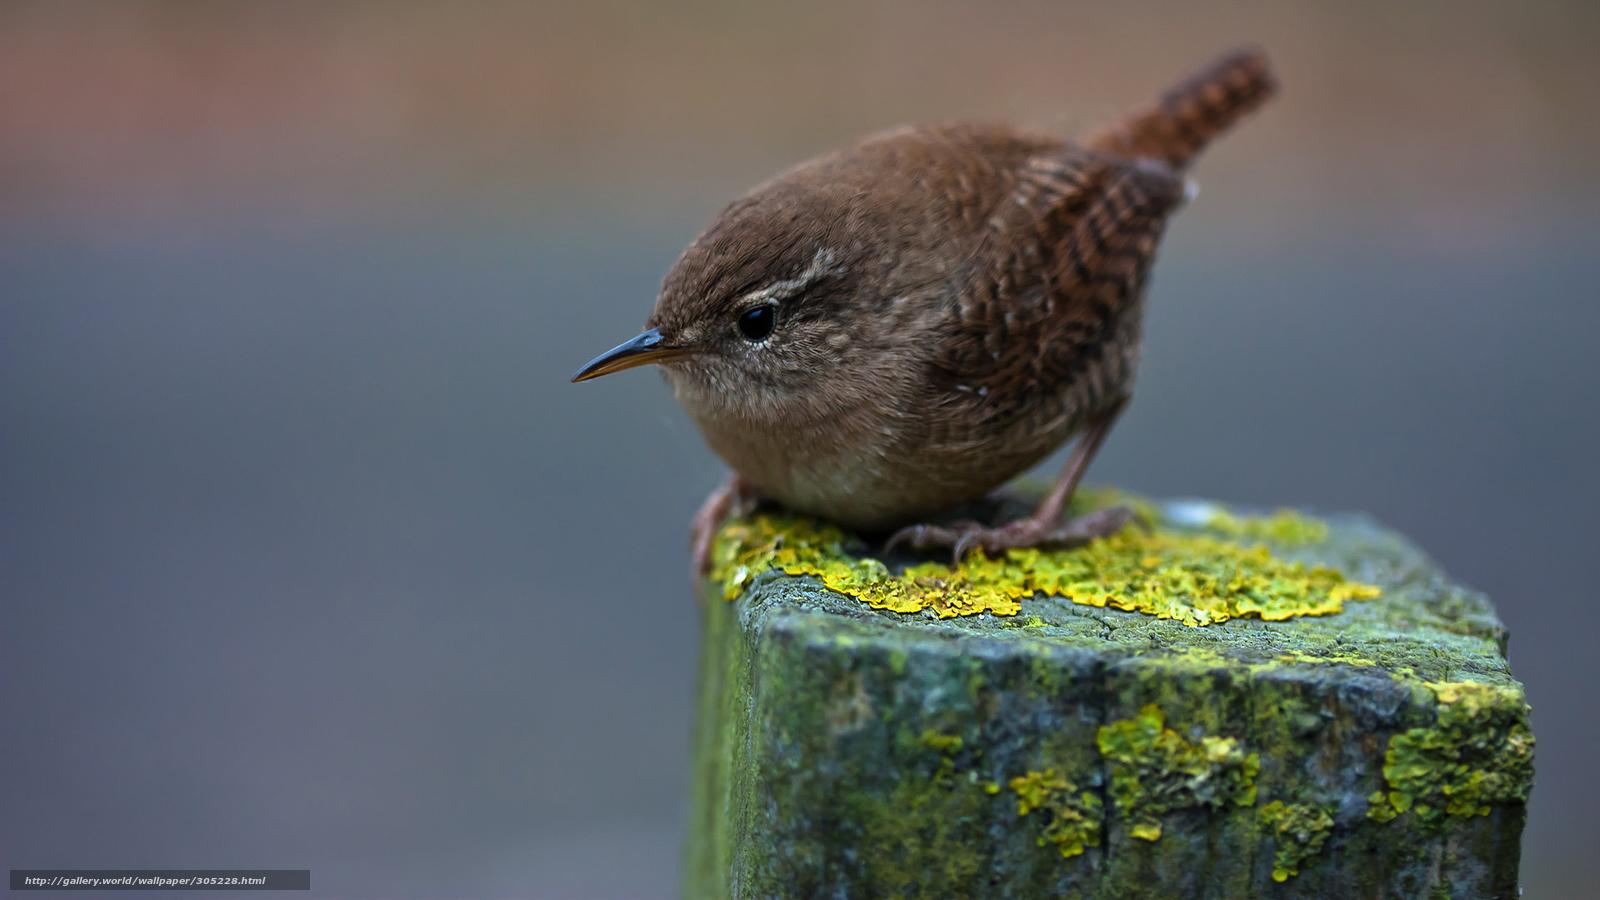 Tlcharger fond d 39 ecran gris petit oiseau sur colonne for Petit oiseau gris